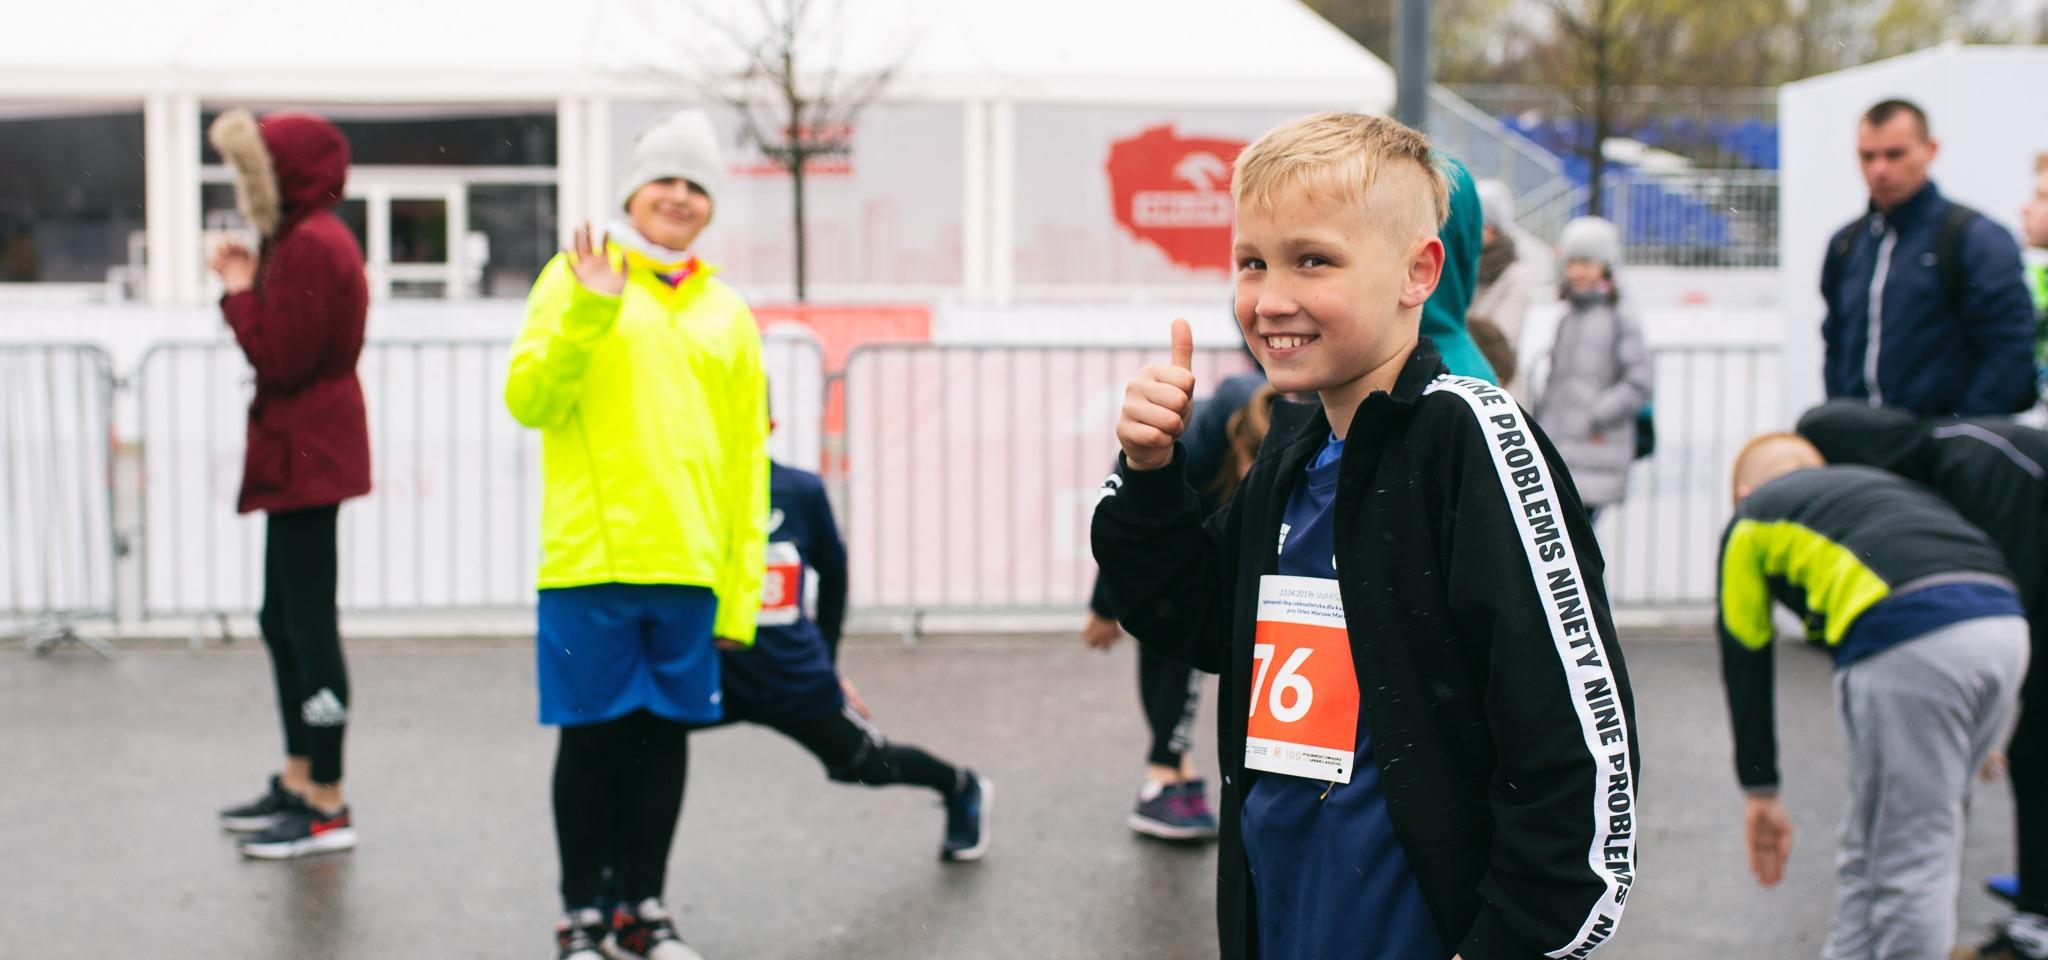 Zdjęcia ORLEN Warsaw Marathon 2019